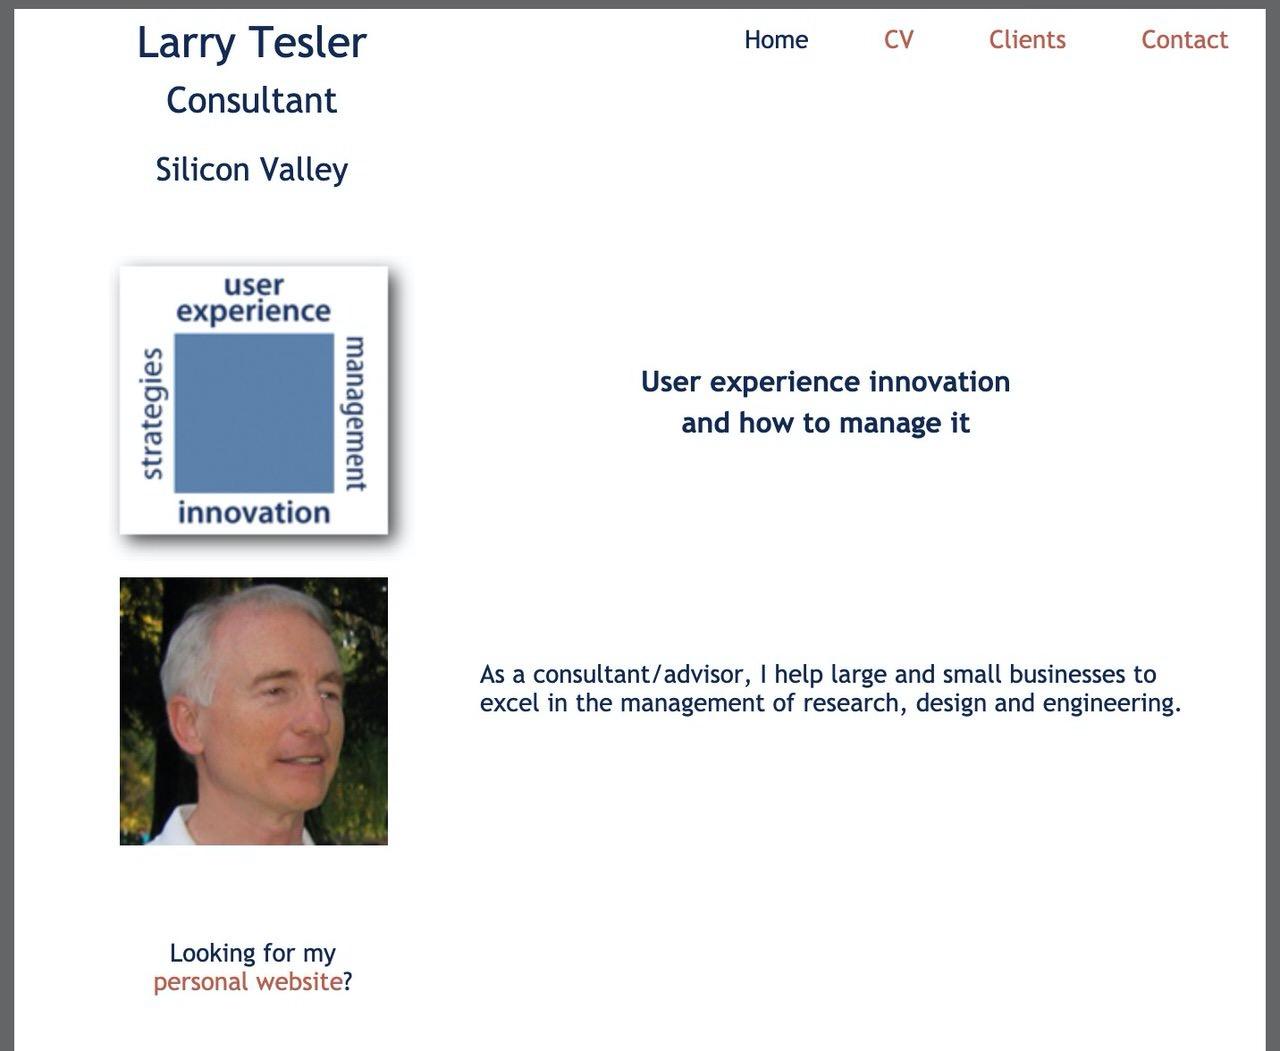 カット・コピー・ペーストなどのコマンドを発明したラリー・テスラー氏が死去